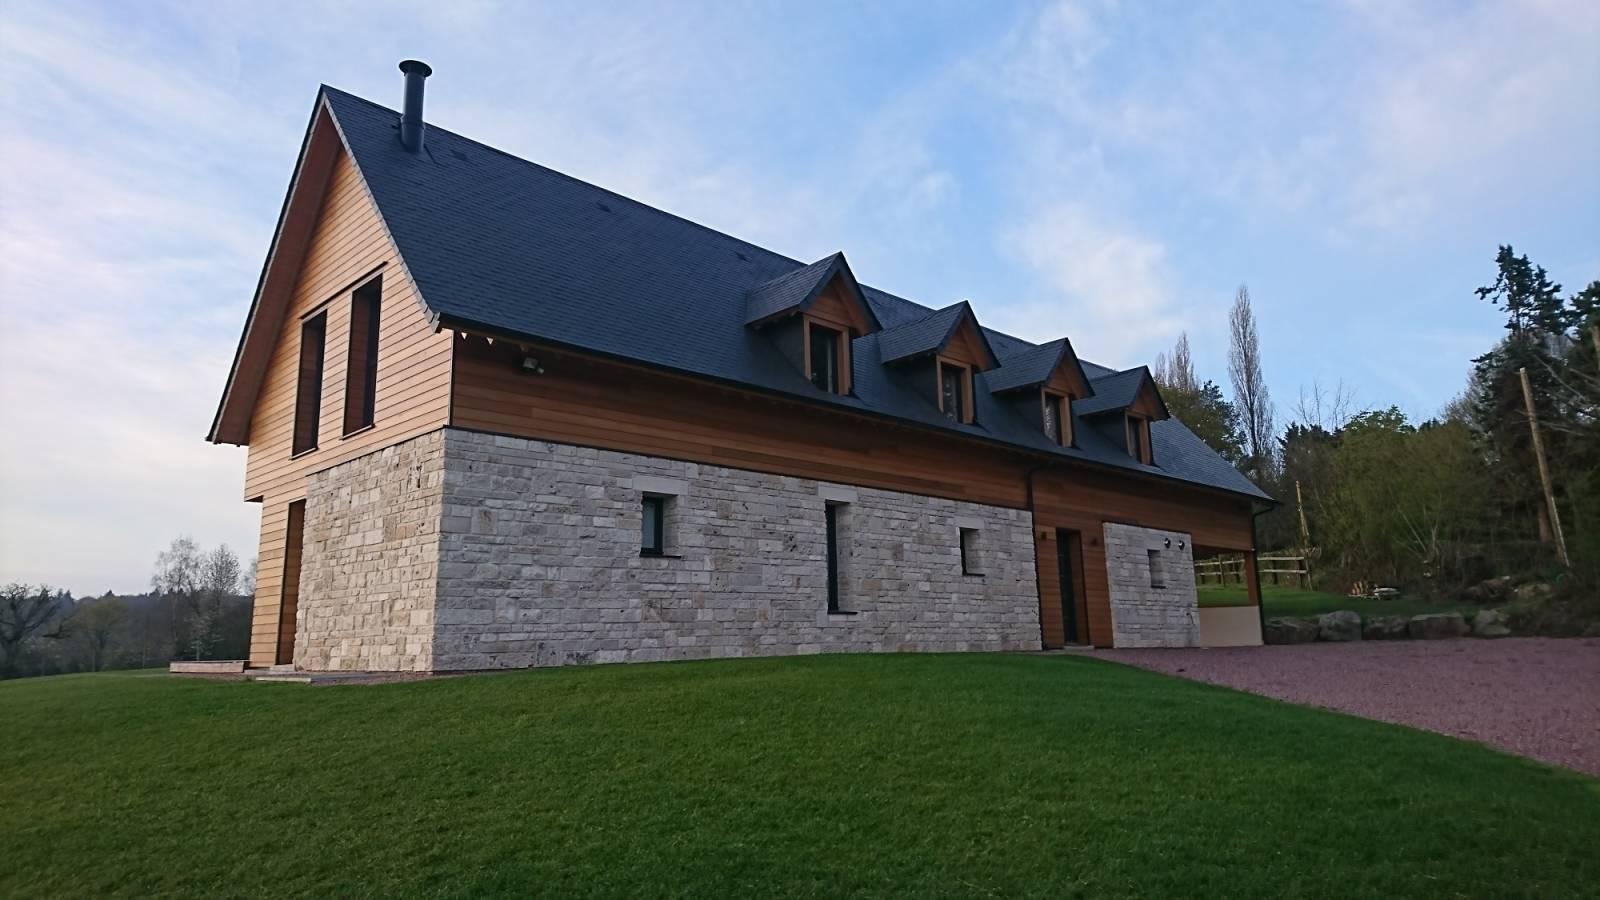 Honnet - Trouver un constructeur de maisons moderne mixte ...